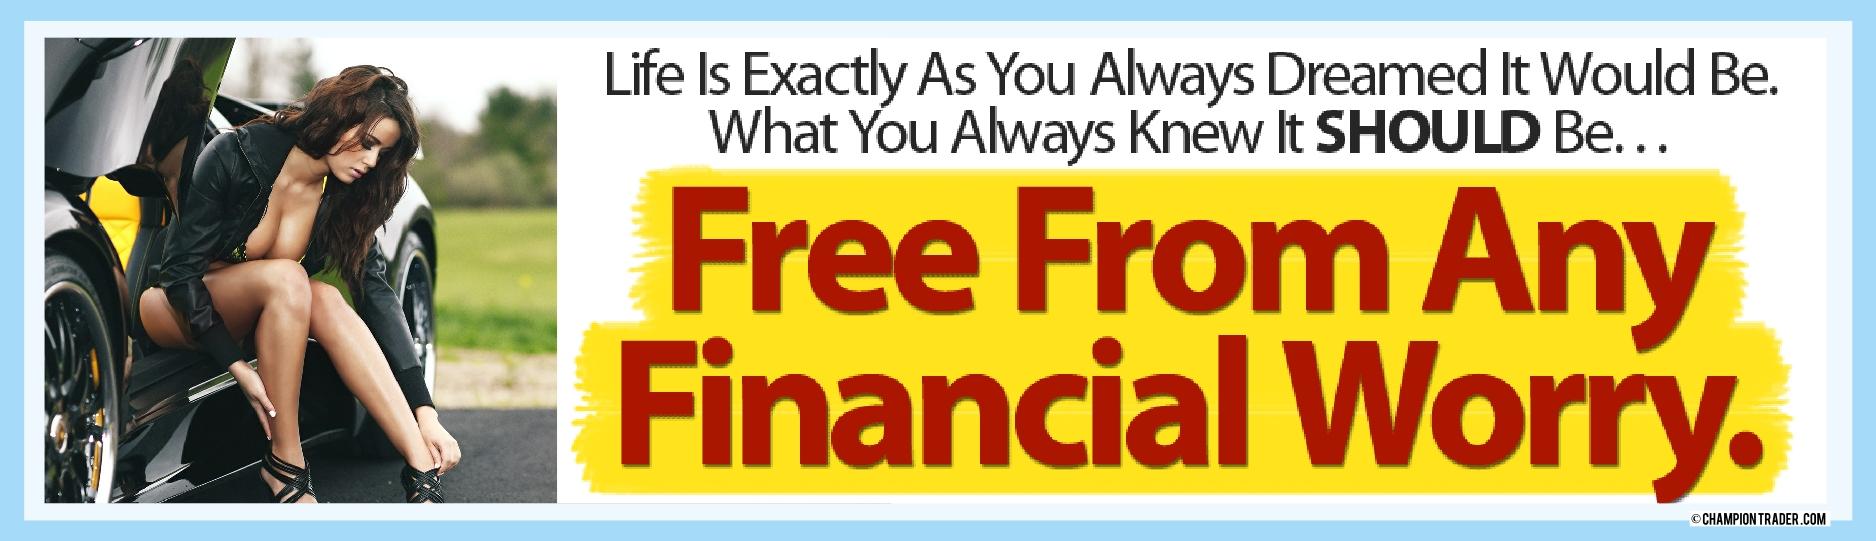 v2 The Money EA forex expert advisor logo start making money today! live the life you've always dreamed of